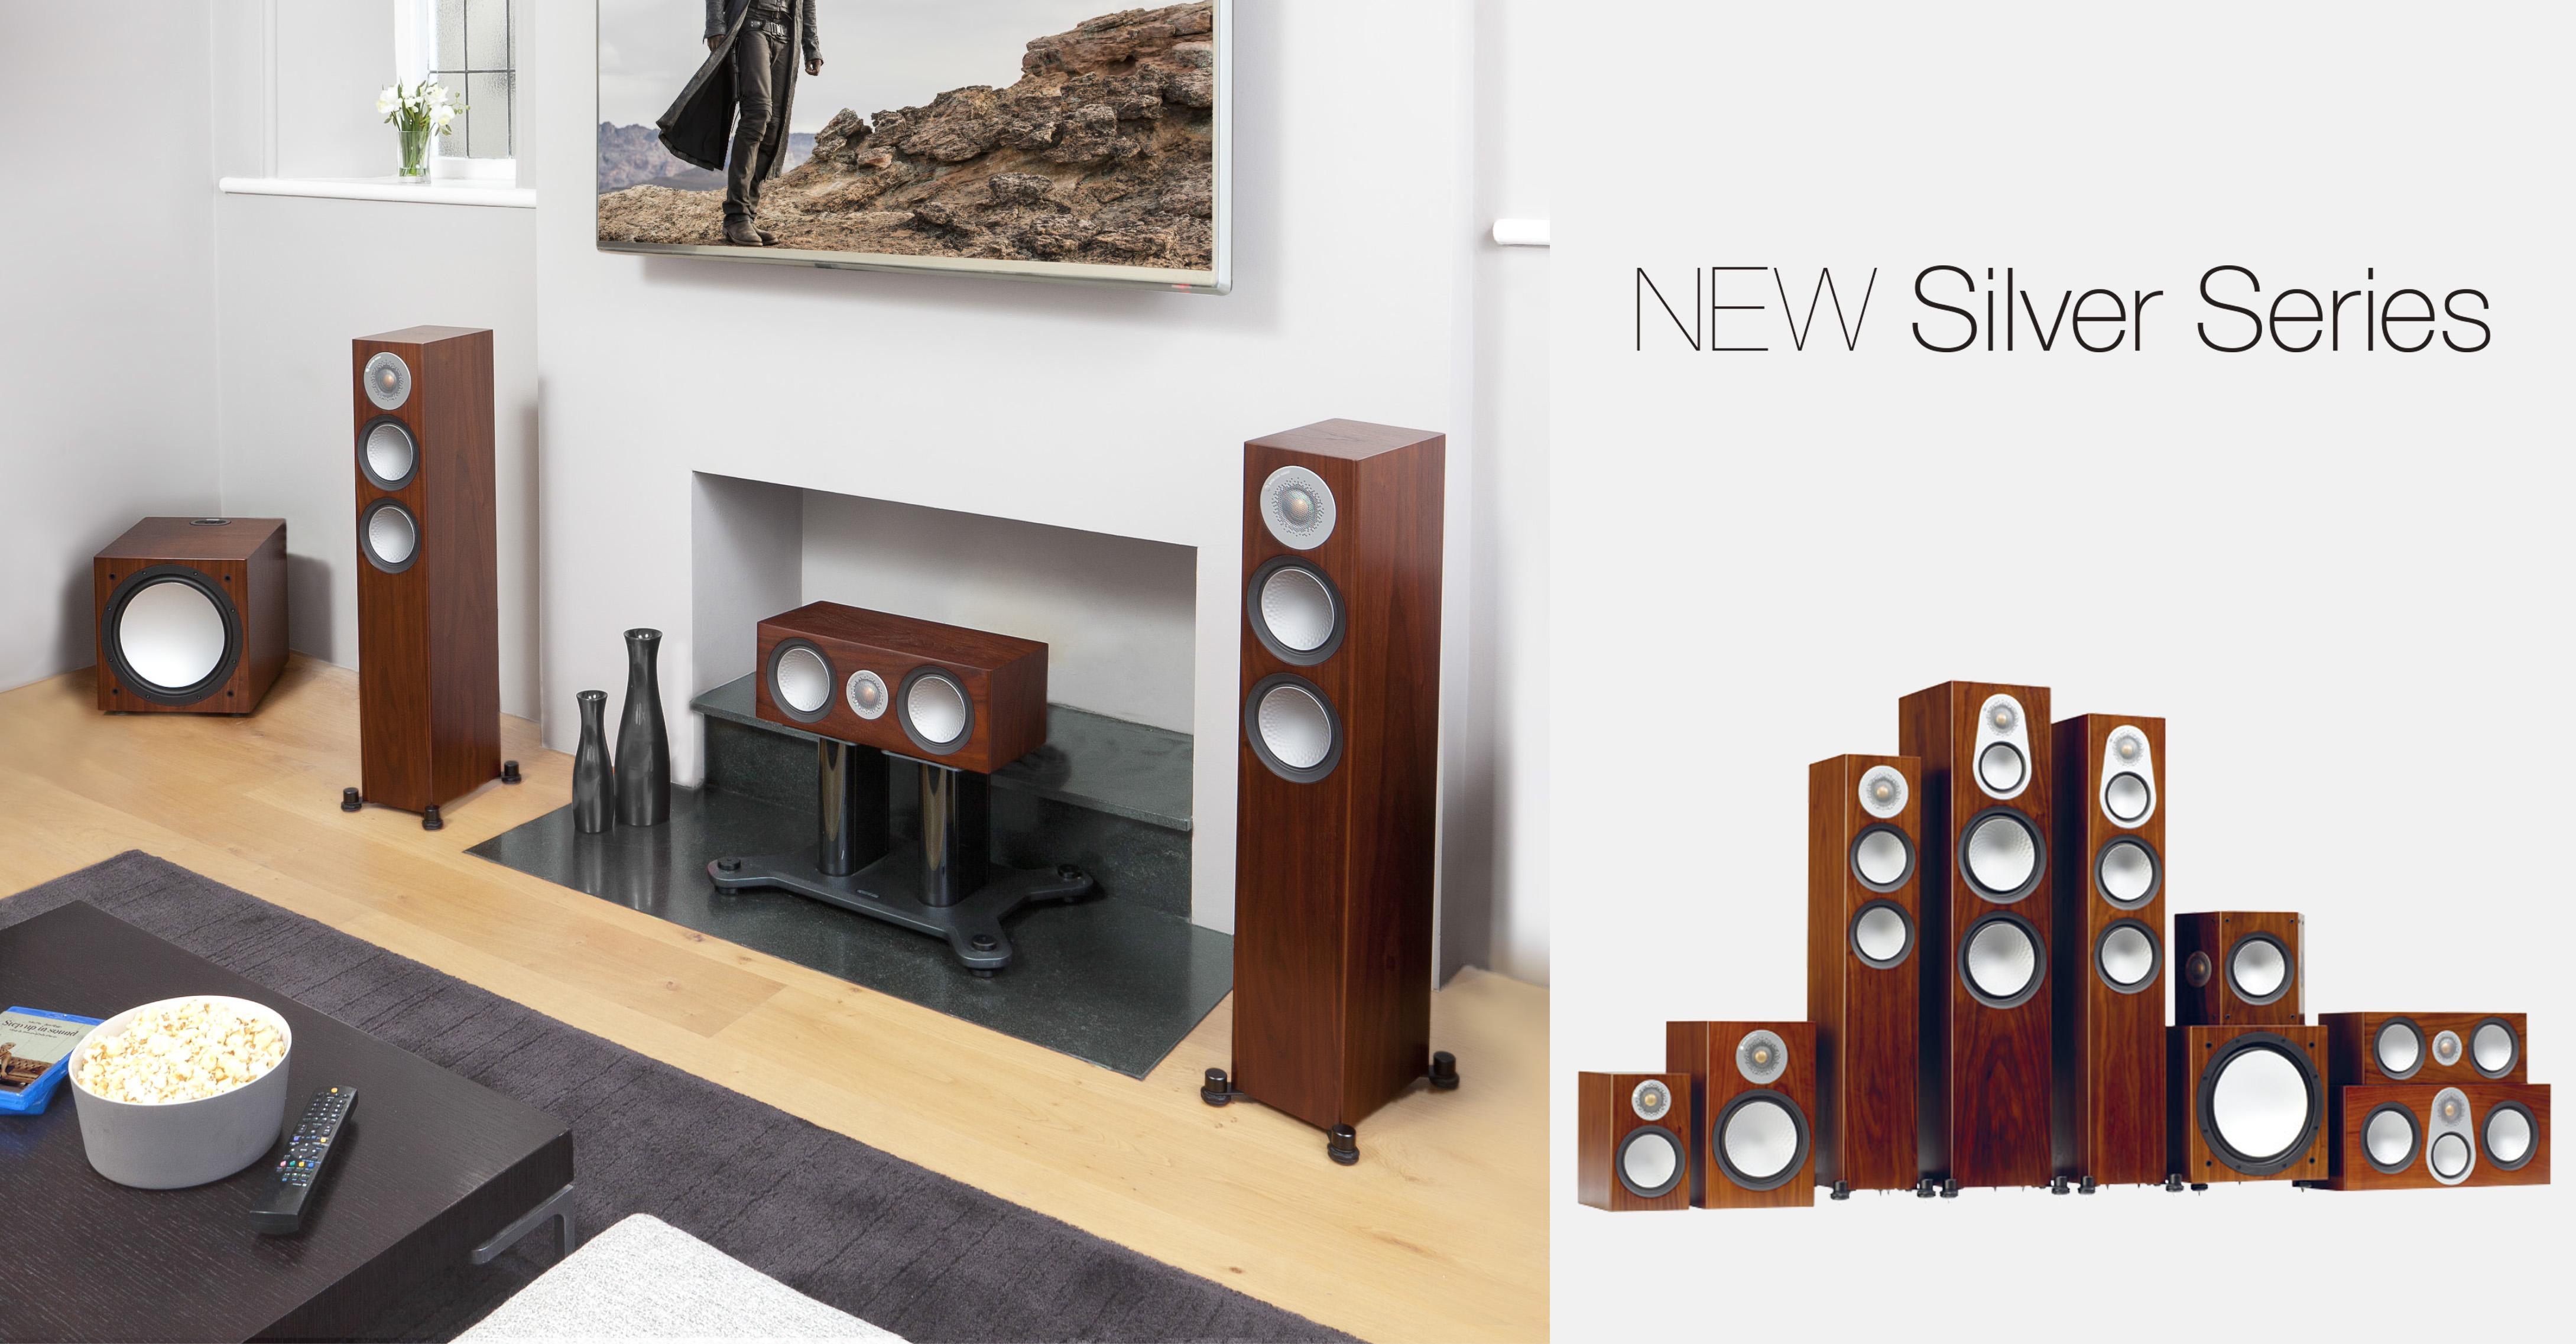 重現高保真聲音,猛牌第六代Silver銀系列進口家庭影院音箱音樂HIFI音響